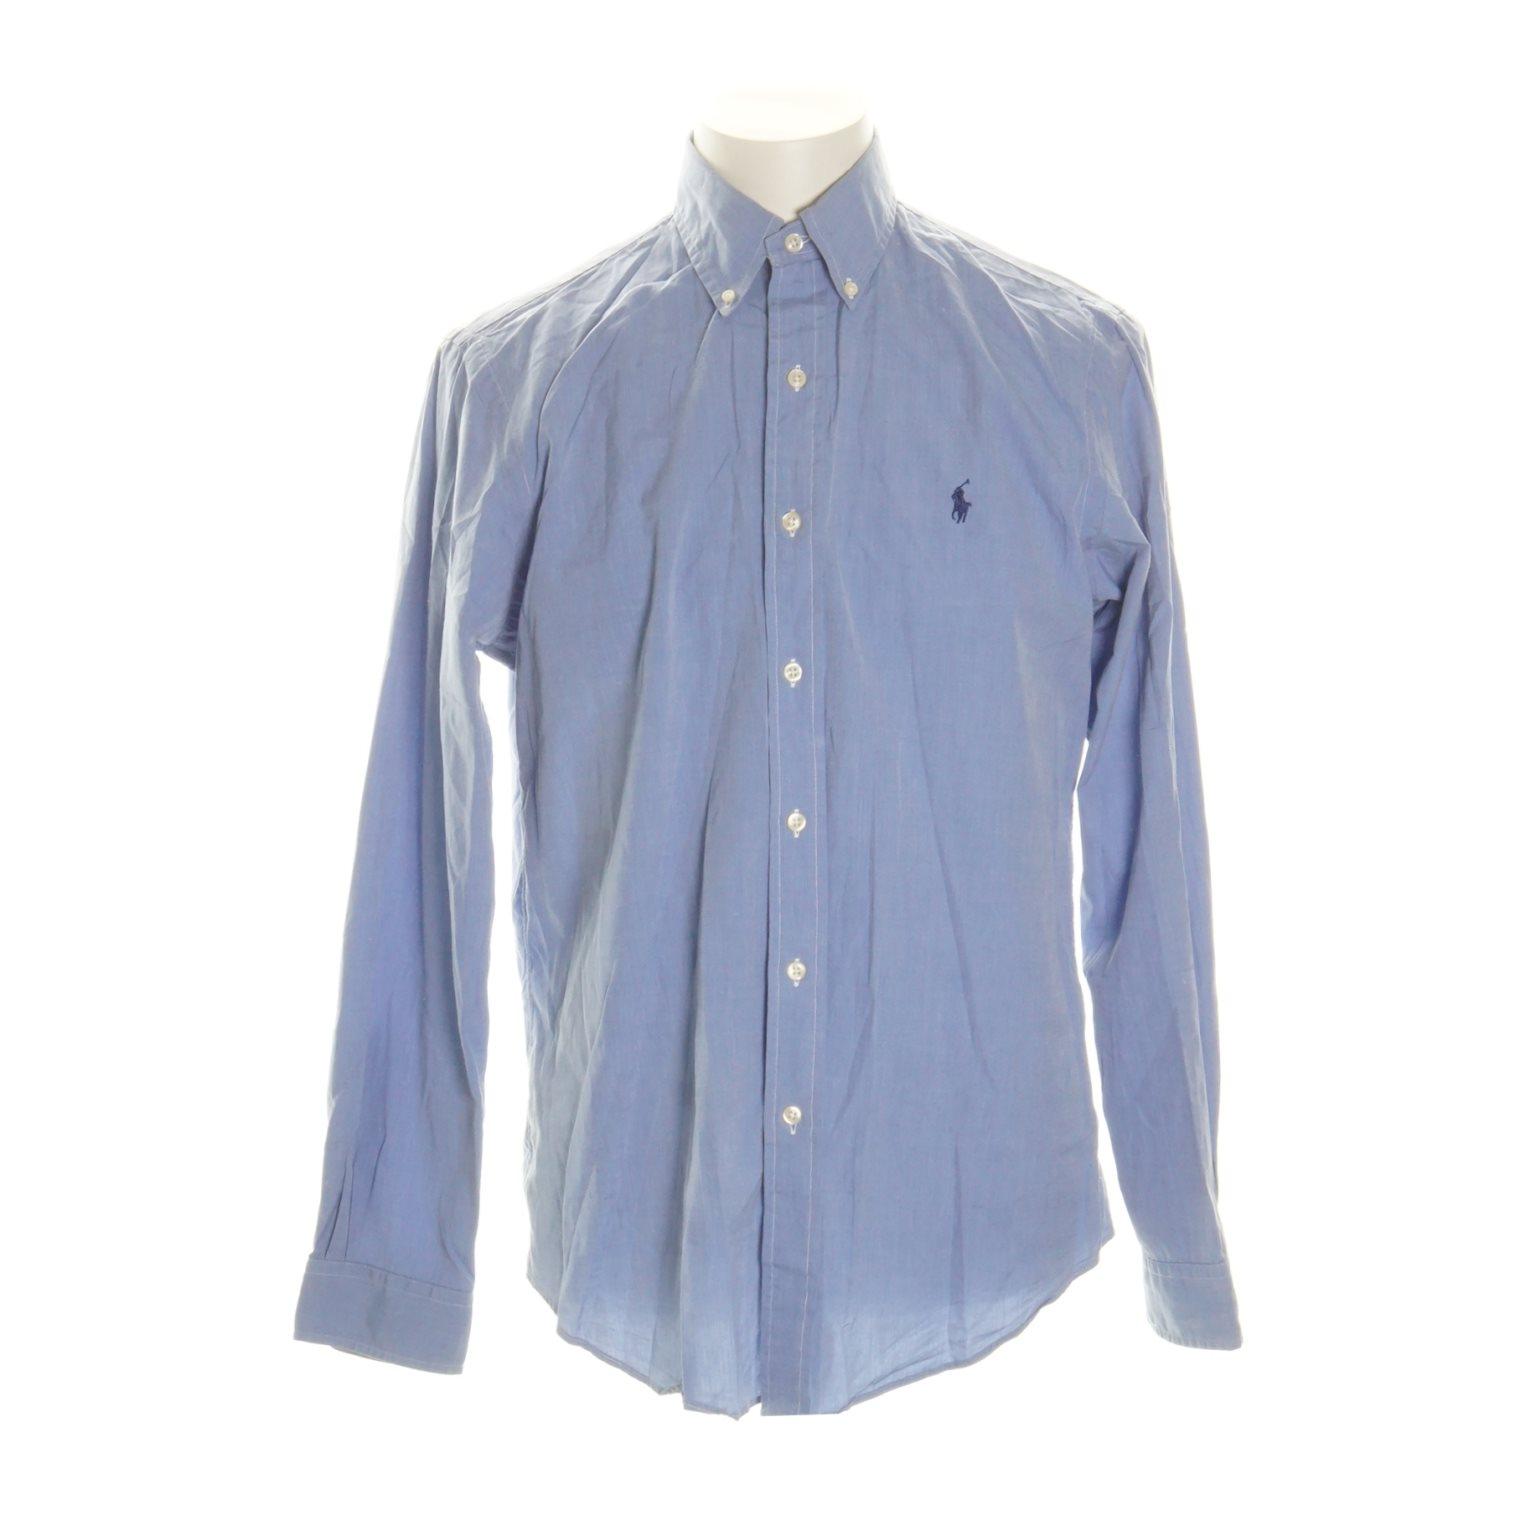 8f09534102de Ralph Lauren, Skjorta, Strl: M, Blå (334910671) ᐈ Sellpy på Tradera